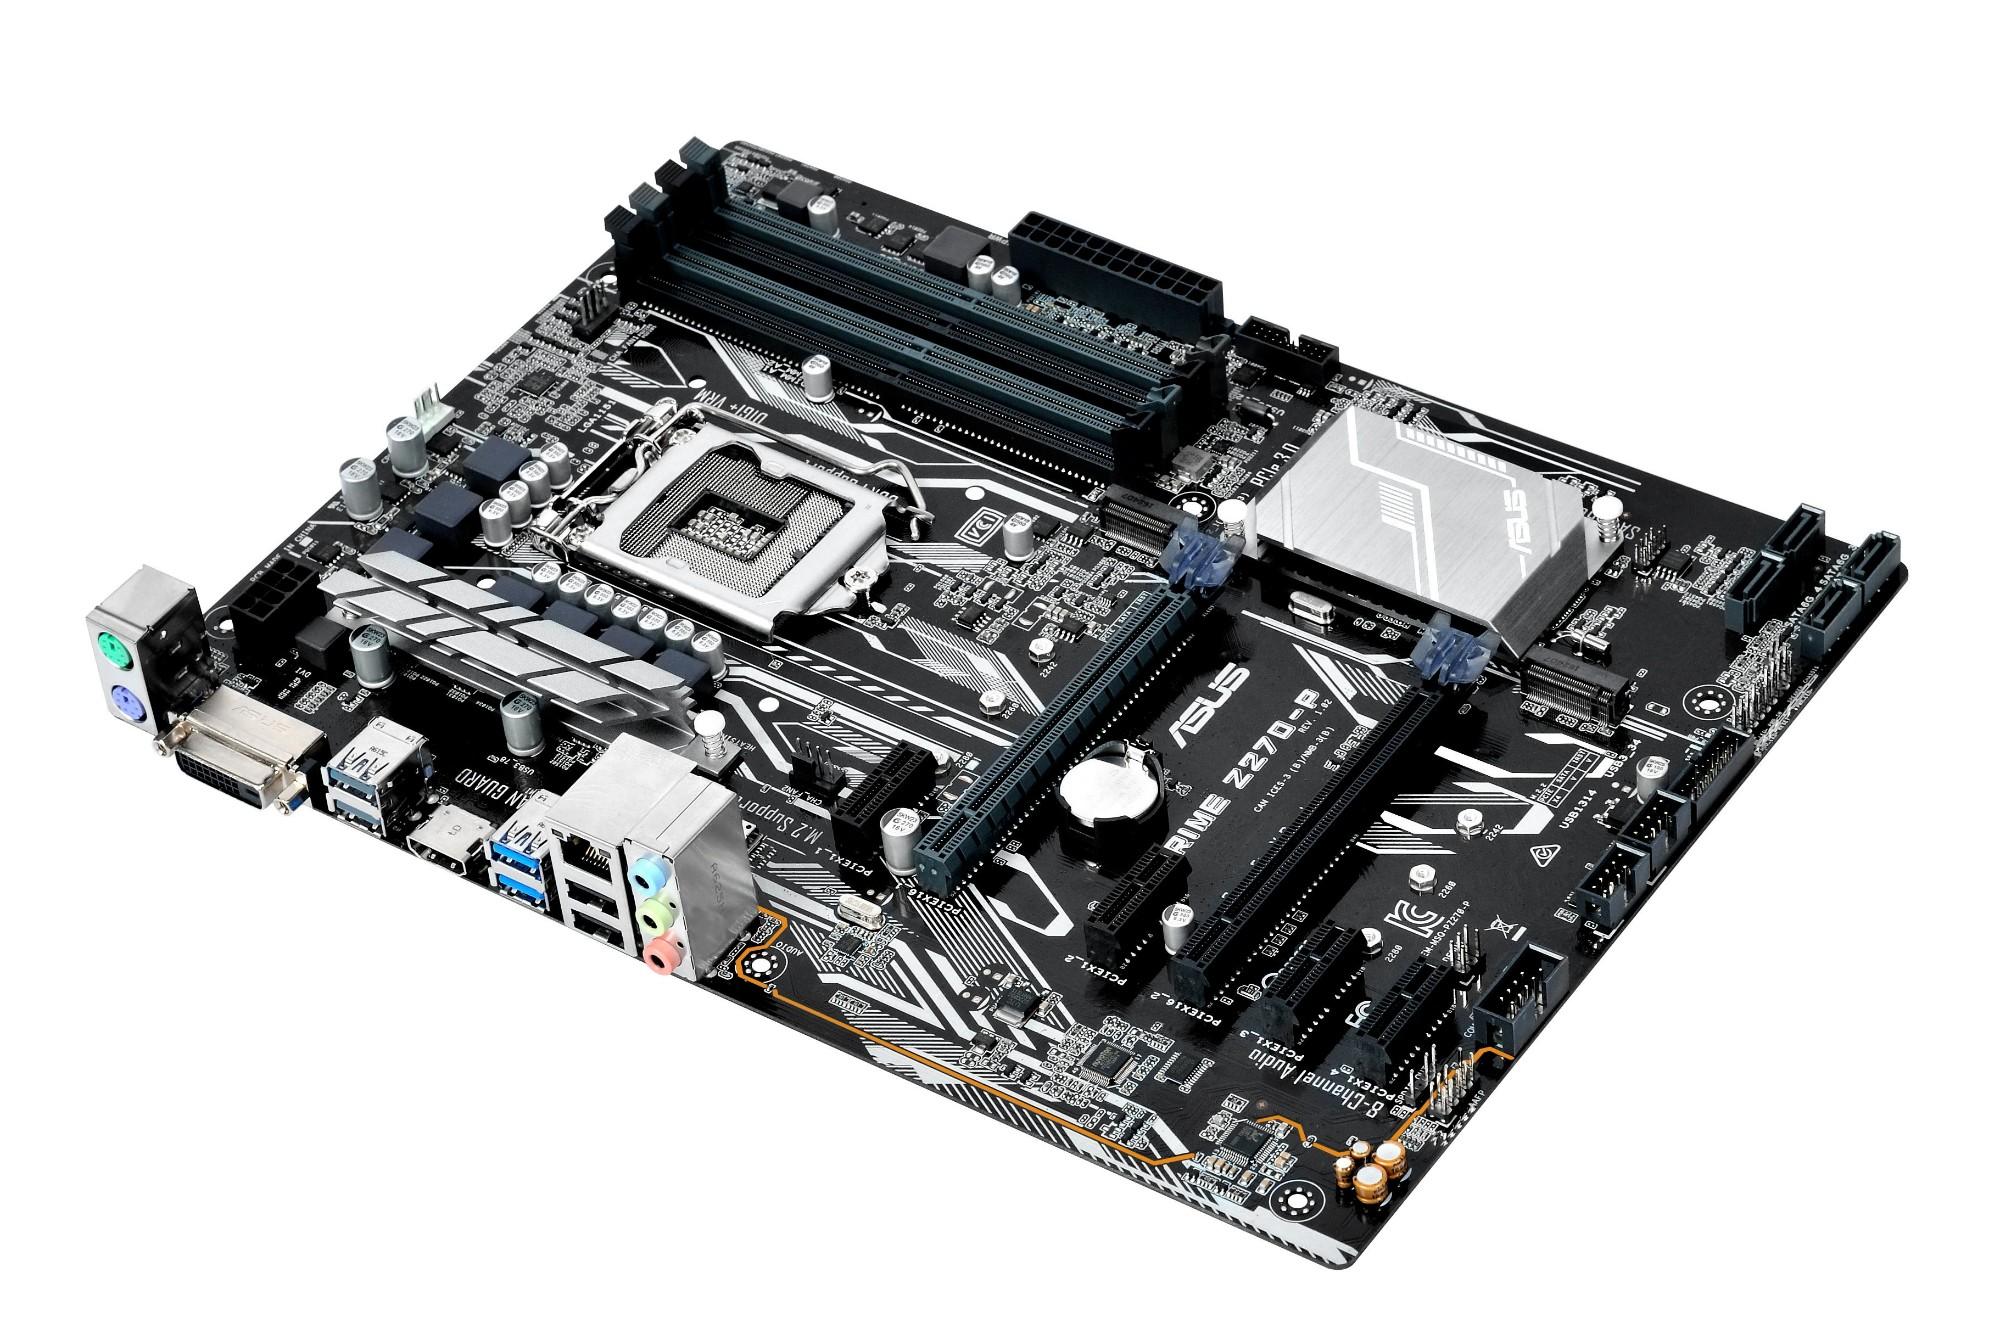 ASUS PRIME Z270-P LGA 1151 (Socket H4) Intel® Z270 ATX